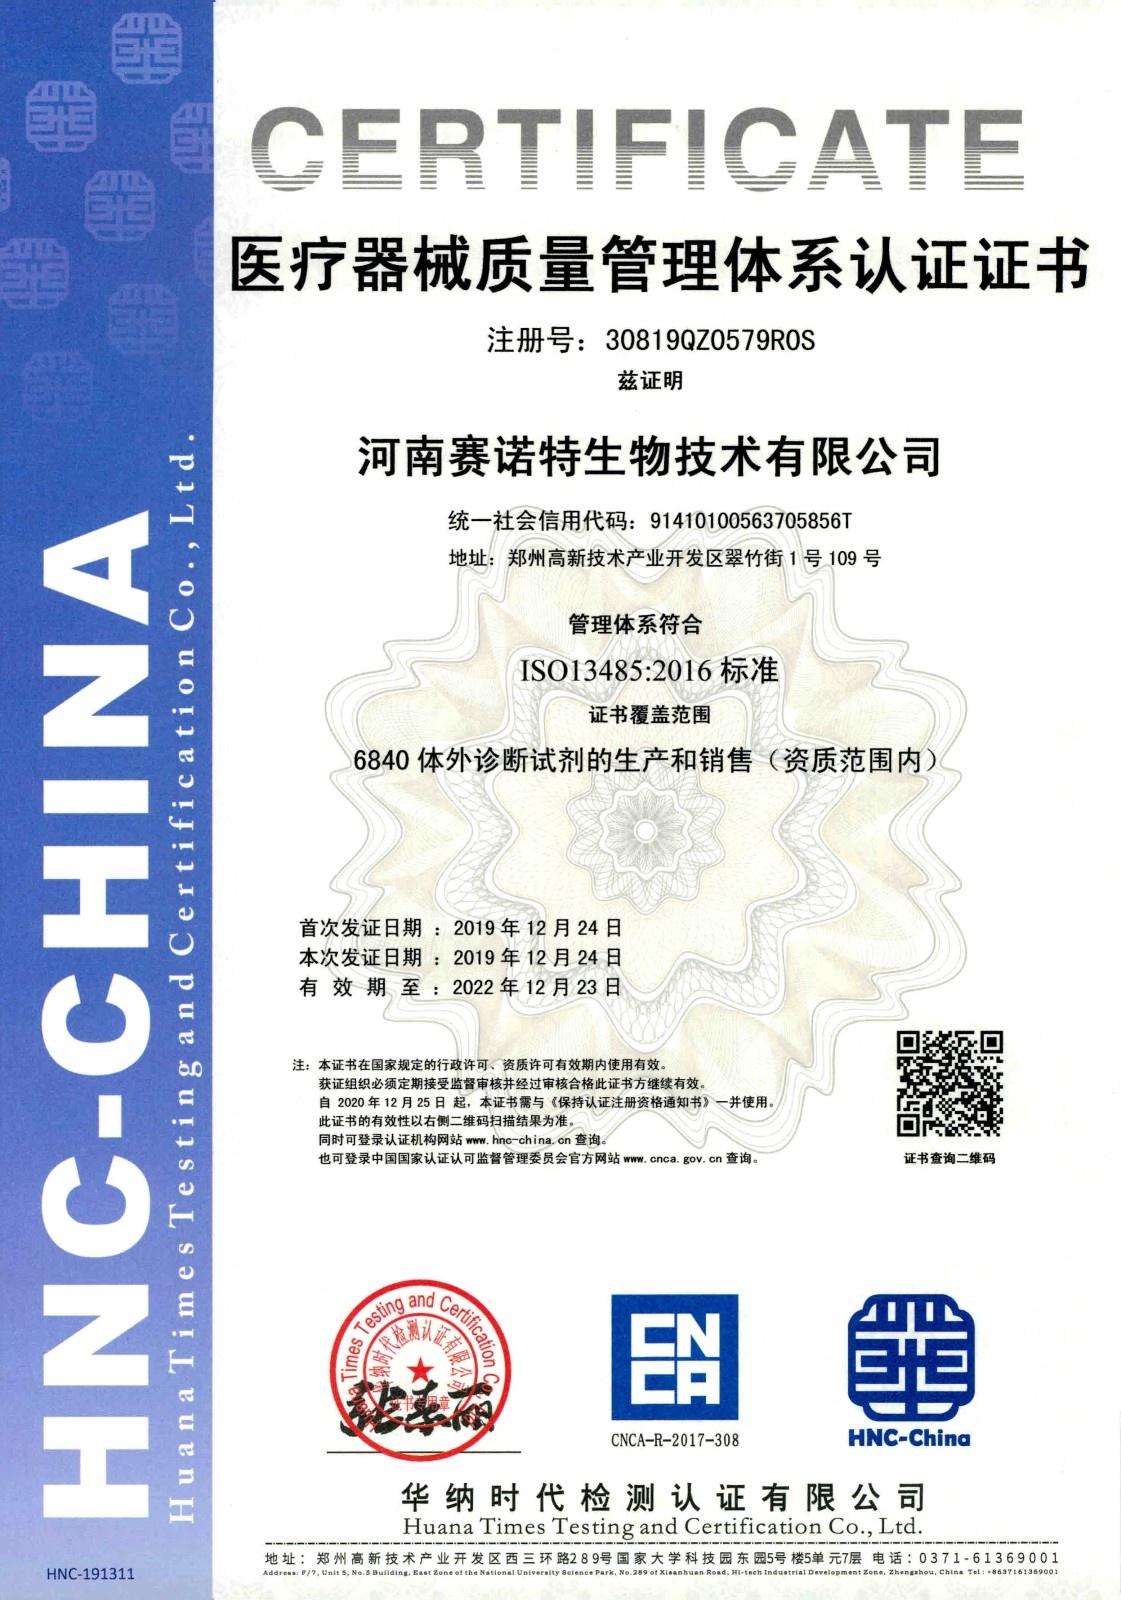 河南賽諾特生物技術有限公司2019-Q+Q13485初審-3.jpg